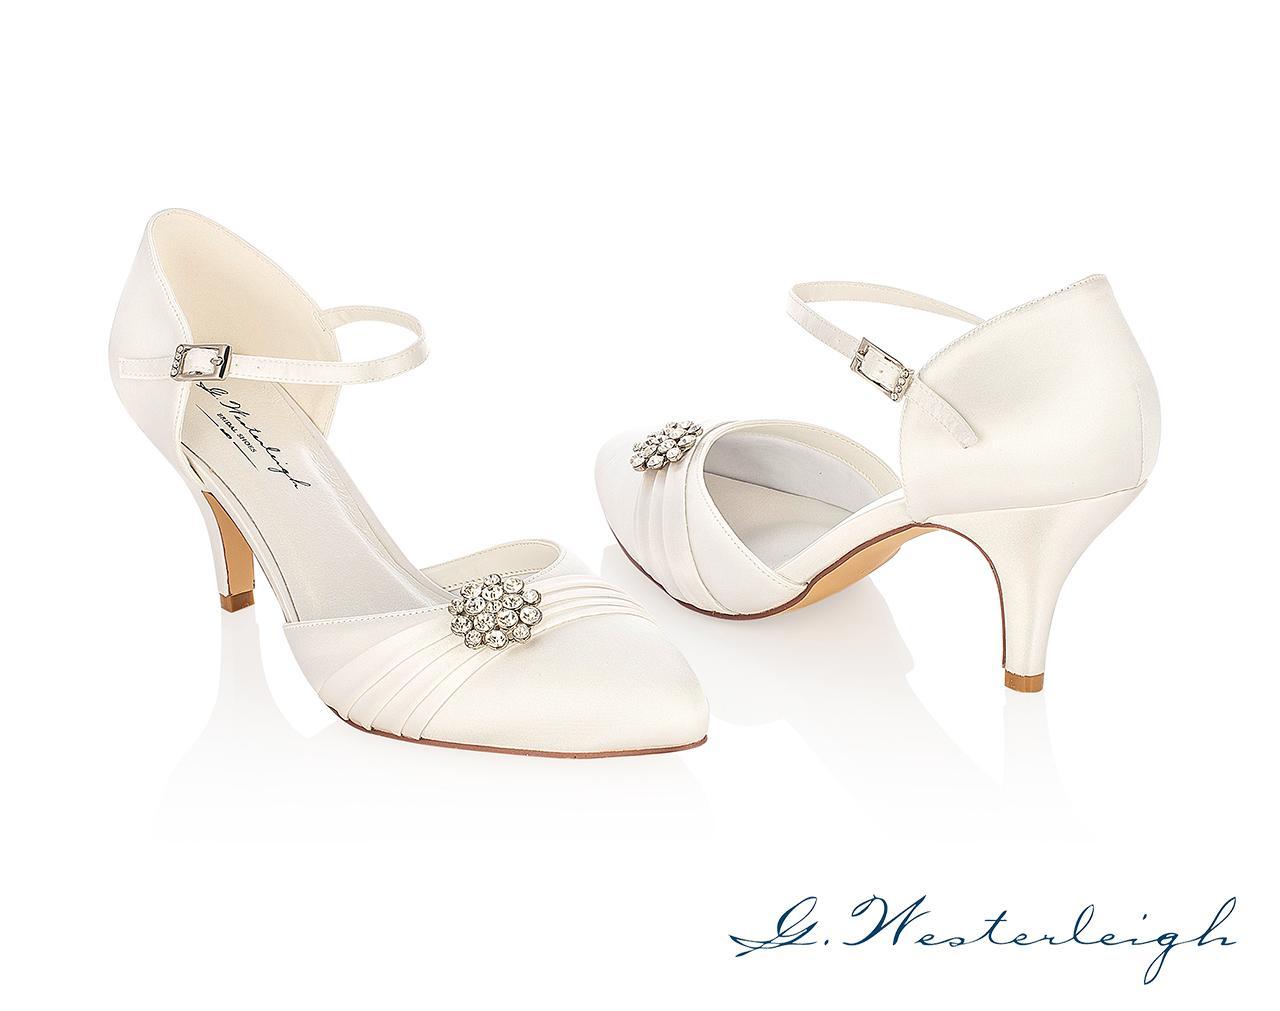 Svadobné topánky Abigail - Obrázok č. 1